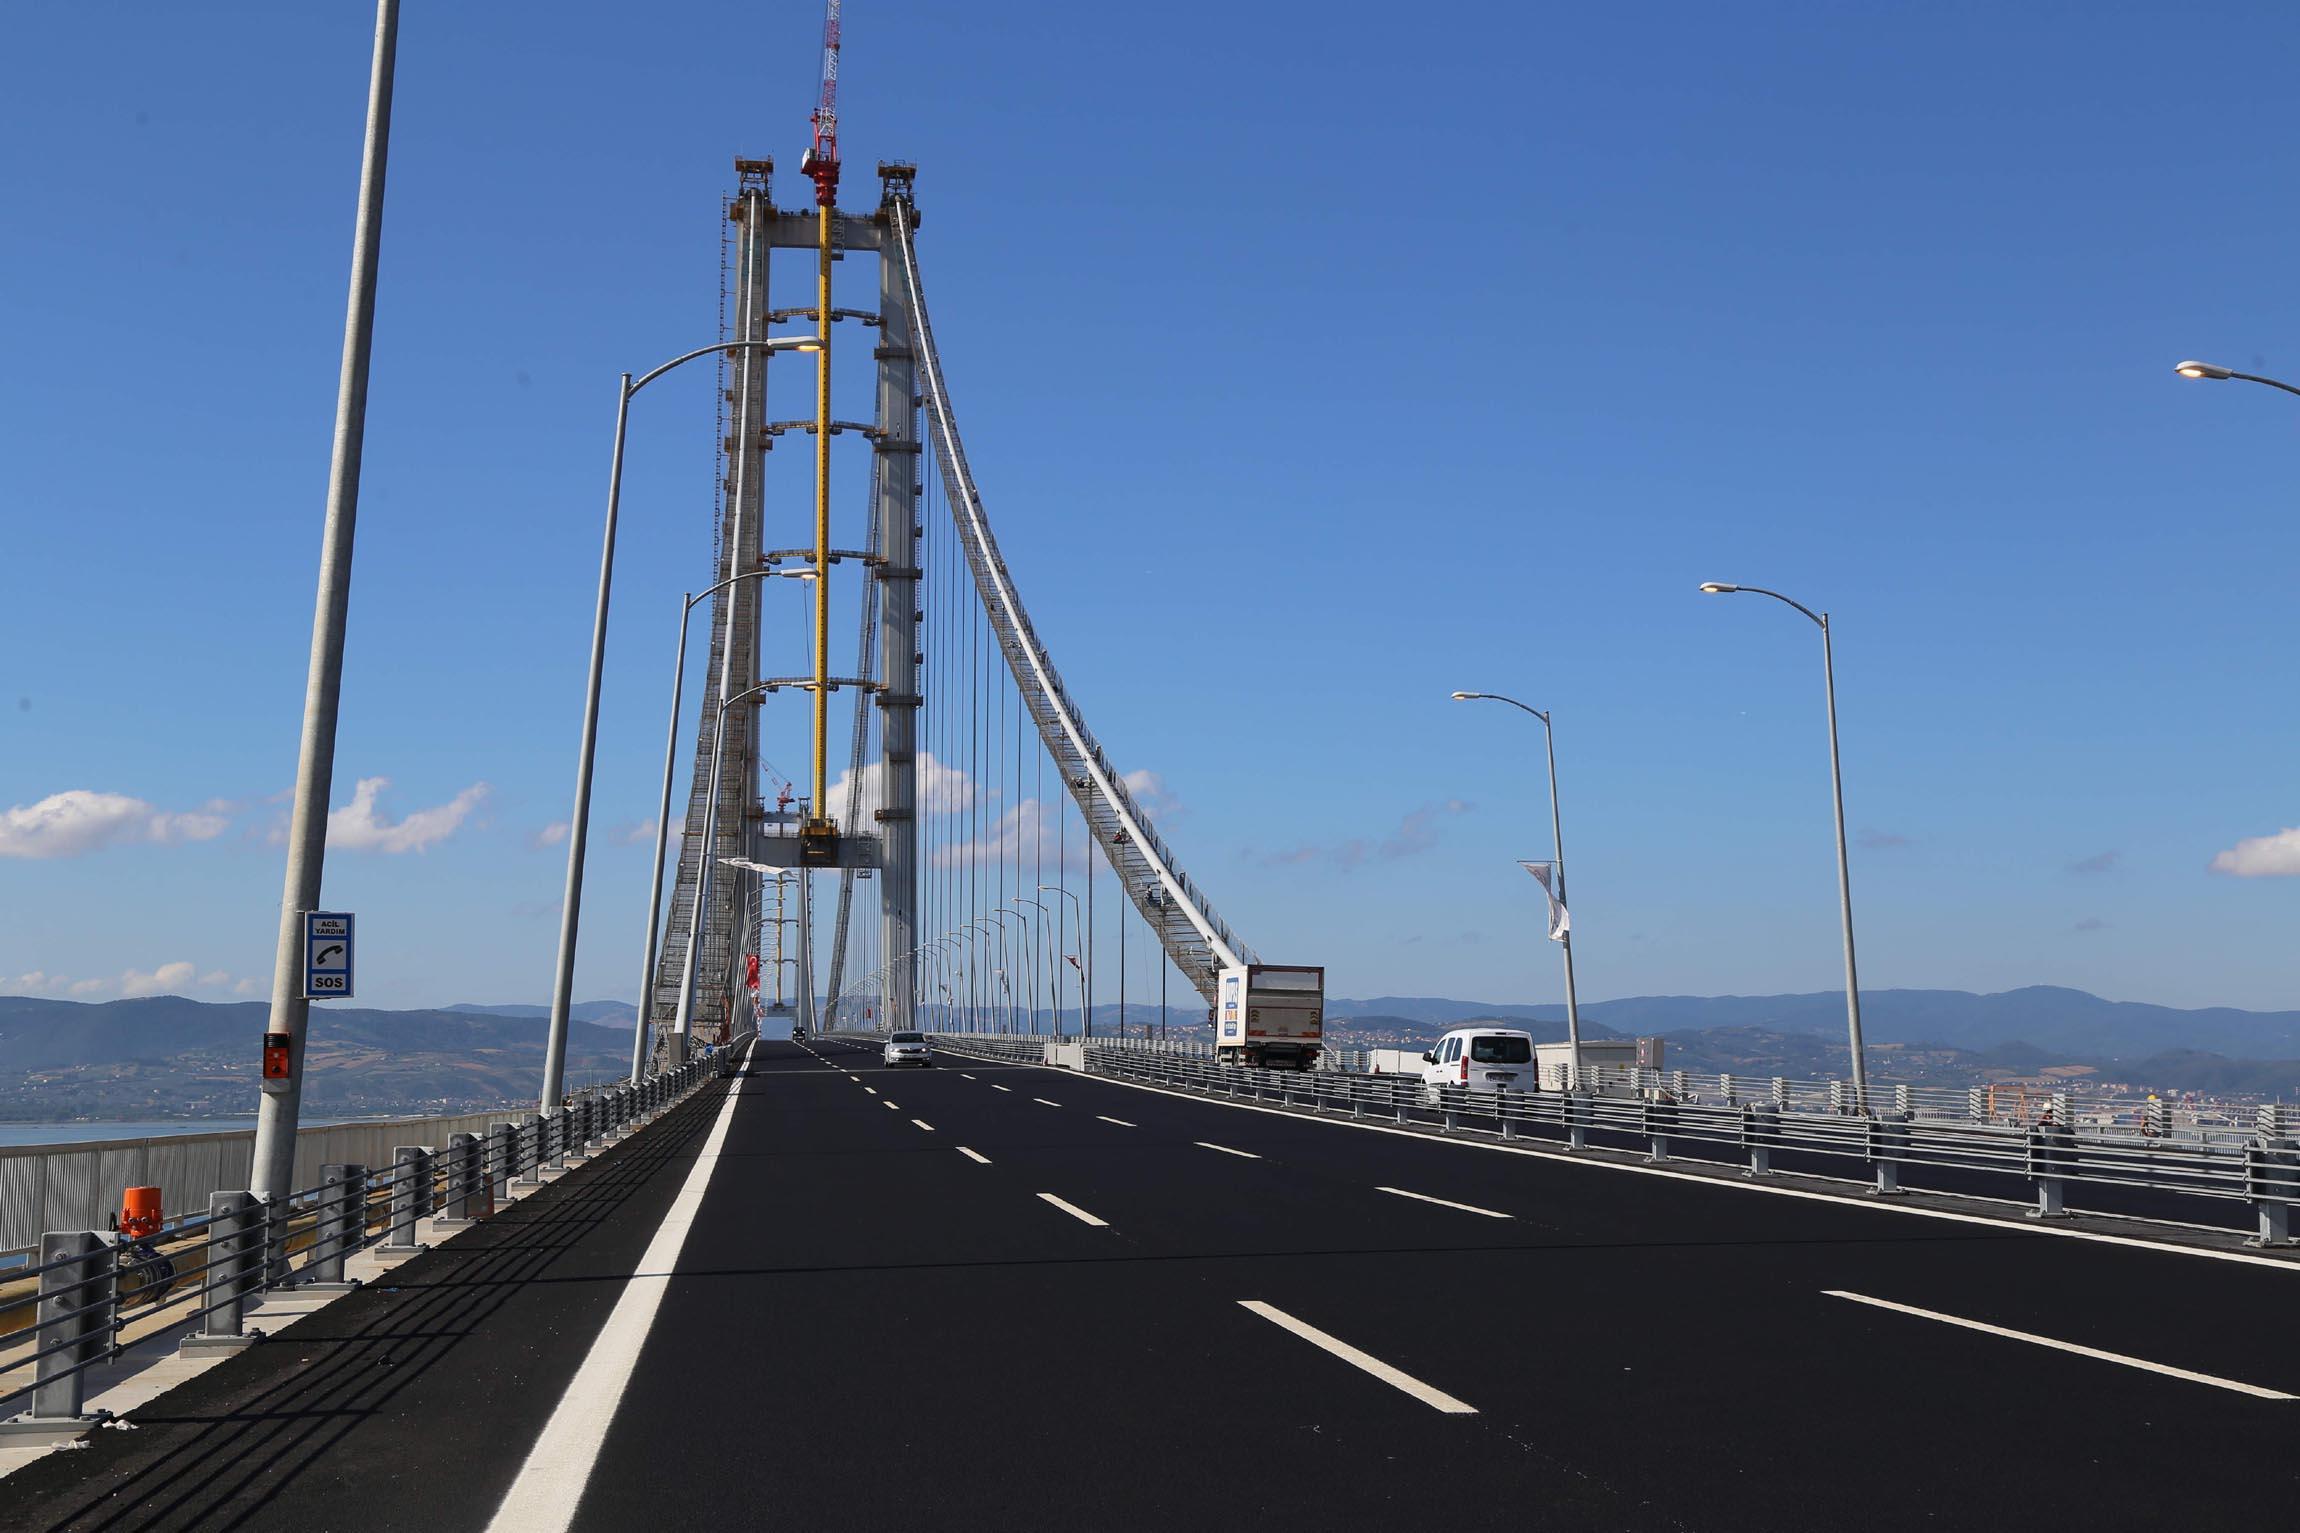 13 ayda Osmangazi Köprüsü'nden geçmeyen 8 milyon aracın geçiş parasını Türkiye Halkı ödeyecek!